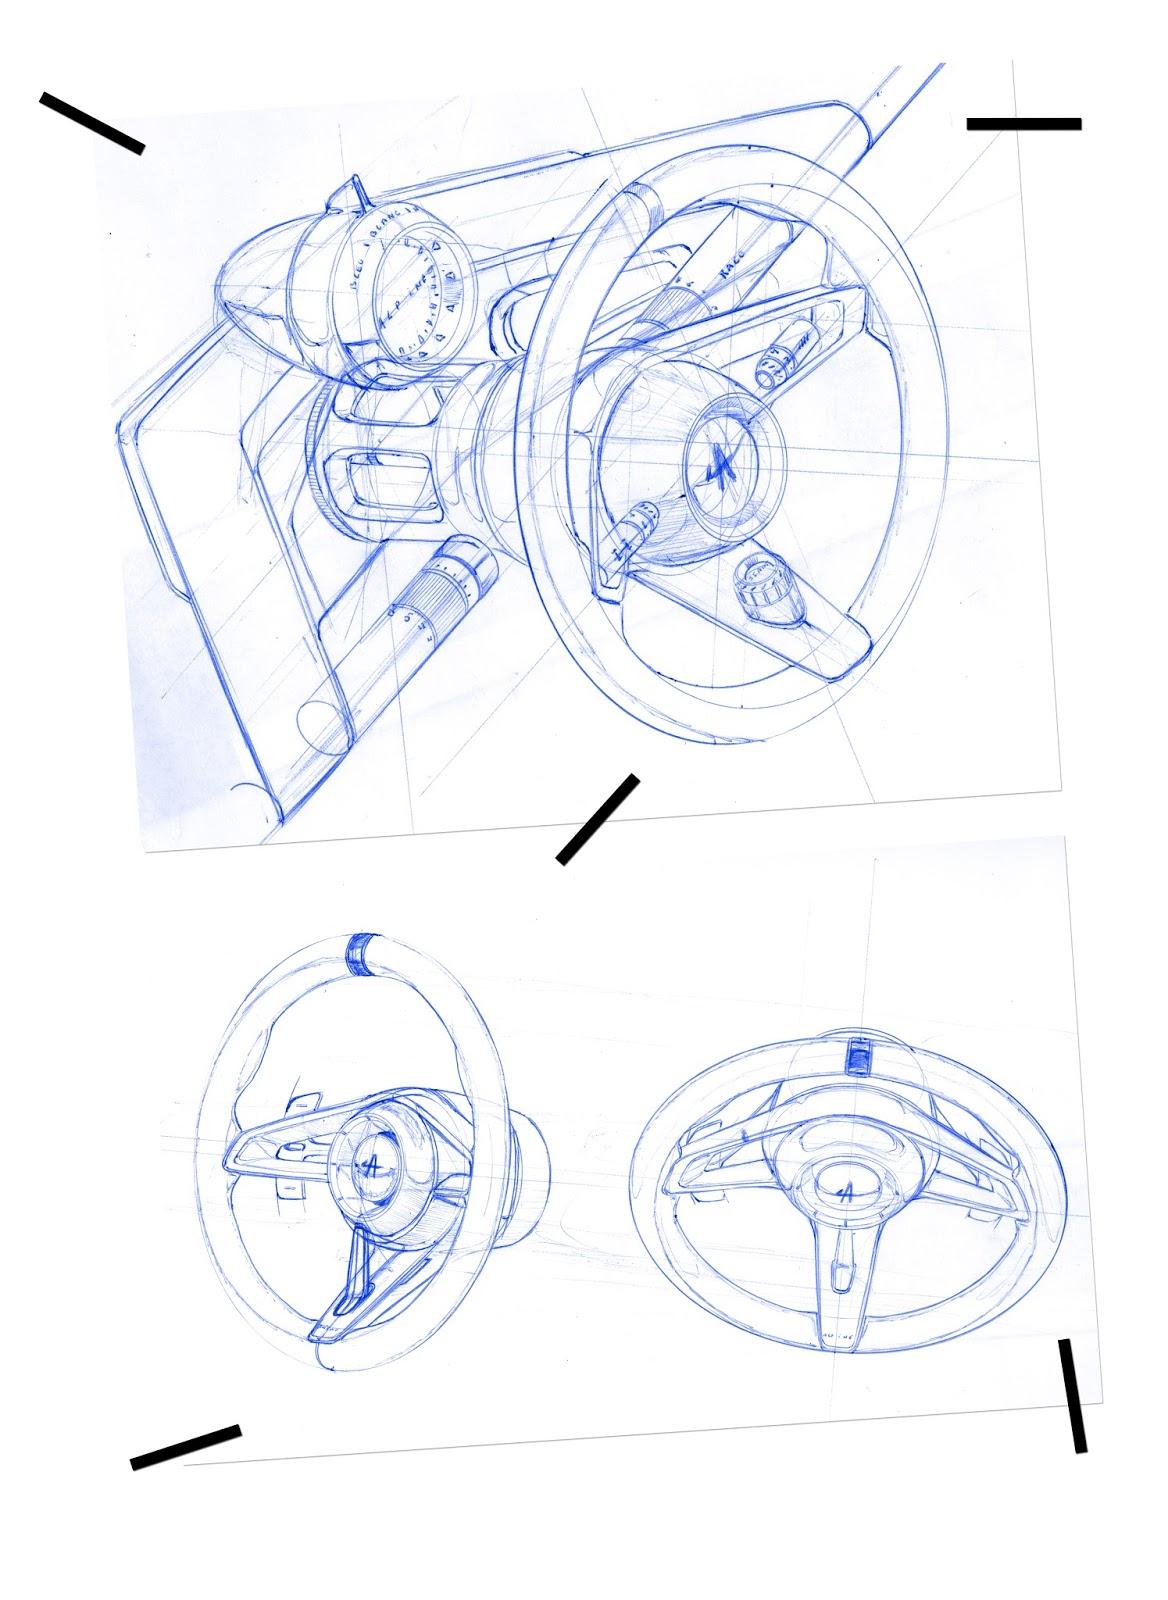 1000 images about carros on pinterest mk1 golf and yulia nova. Black Bedroom Furniture Sets. Home Design Ideas